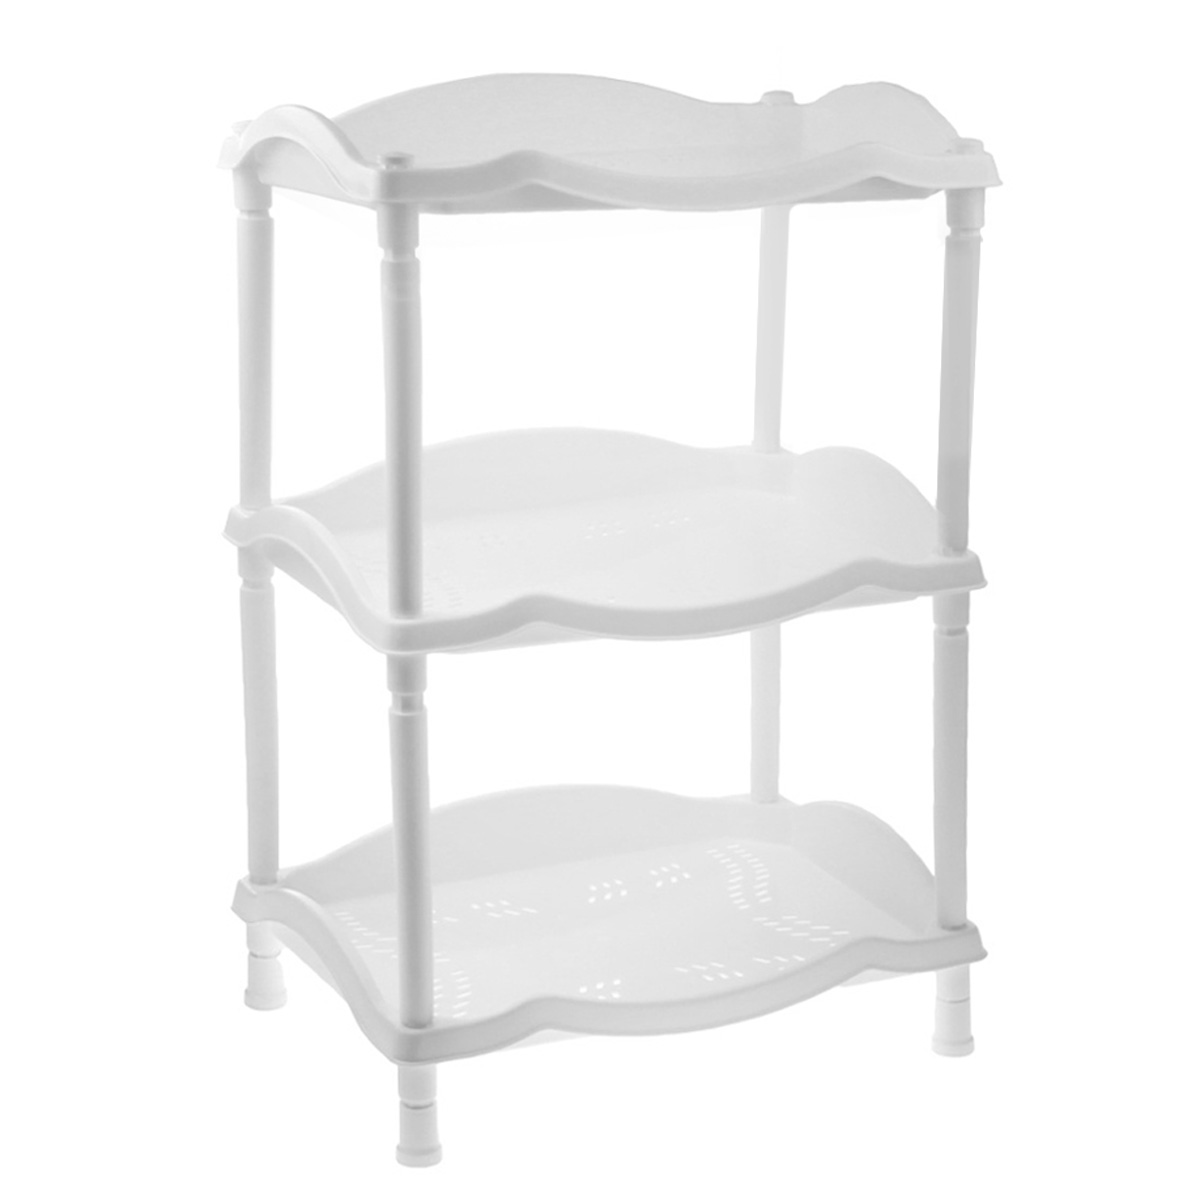 Этажерка Berossi Каскад, 3-х секционная, цвет: белый, 43,8 х 31,6 х 63,6 см1015984Этажерка Berossi Каскад выполнена из высококачественного прочного пластика и предназначена для хранения различных предметов. Изделие имеет 3 полки прямоугольной формы с перфорированными стенками. В ванной комнате вы можете использовать этажерку для хранения шампуней, гелей, жидкого мыла, стиральных порошков, полотенец и т.д. Ручной инструмент и детали в вашем гараже всегда будут под рукой. Удобно ставить банки с краской, бутылки с растворителем. В гостиной этажерка позволит удобно хранить под рукой книги, журналы, газеты. С помощью этажерки также легко навести порядок в детской, она позволит удобно и компактно хранить игрушки, письменные принадлежности и учебники. Этажерка - это идеальное решение для любого помещения. Она поможет поддерживать чистоту, компактно организовать пространство и хранить вещи в порядке, а стильный дизайн сделает этажерку ярким украшением интерьера.Размер этажерки (ДхШхВ): 43,8 см х 31,6 см х 63,6 см. Размер полки (ДхШхВ): 43,8 см х 31,6 см х 6 см.